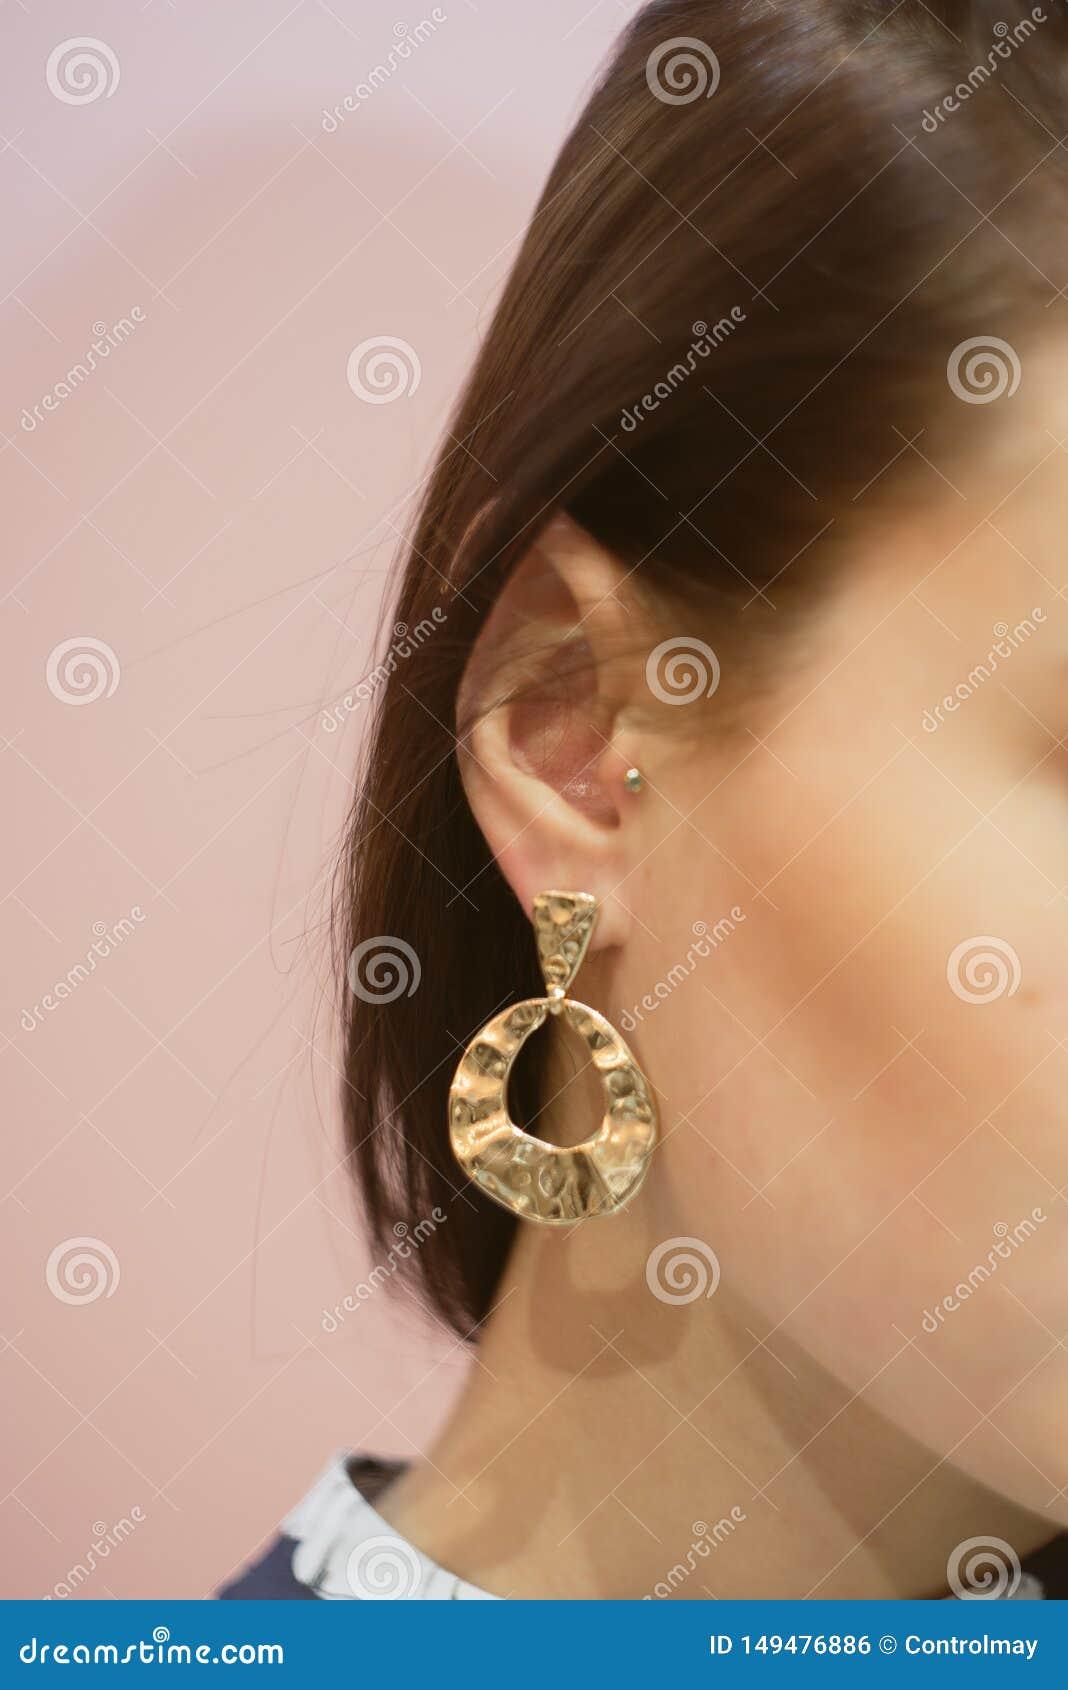 στρογγυλά χρυσά σκουλαρίκια στο αυτί ενός brunette σε ένα ρόδινο υπόβαθρο κρητιδογραφιών